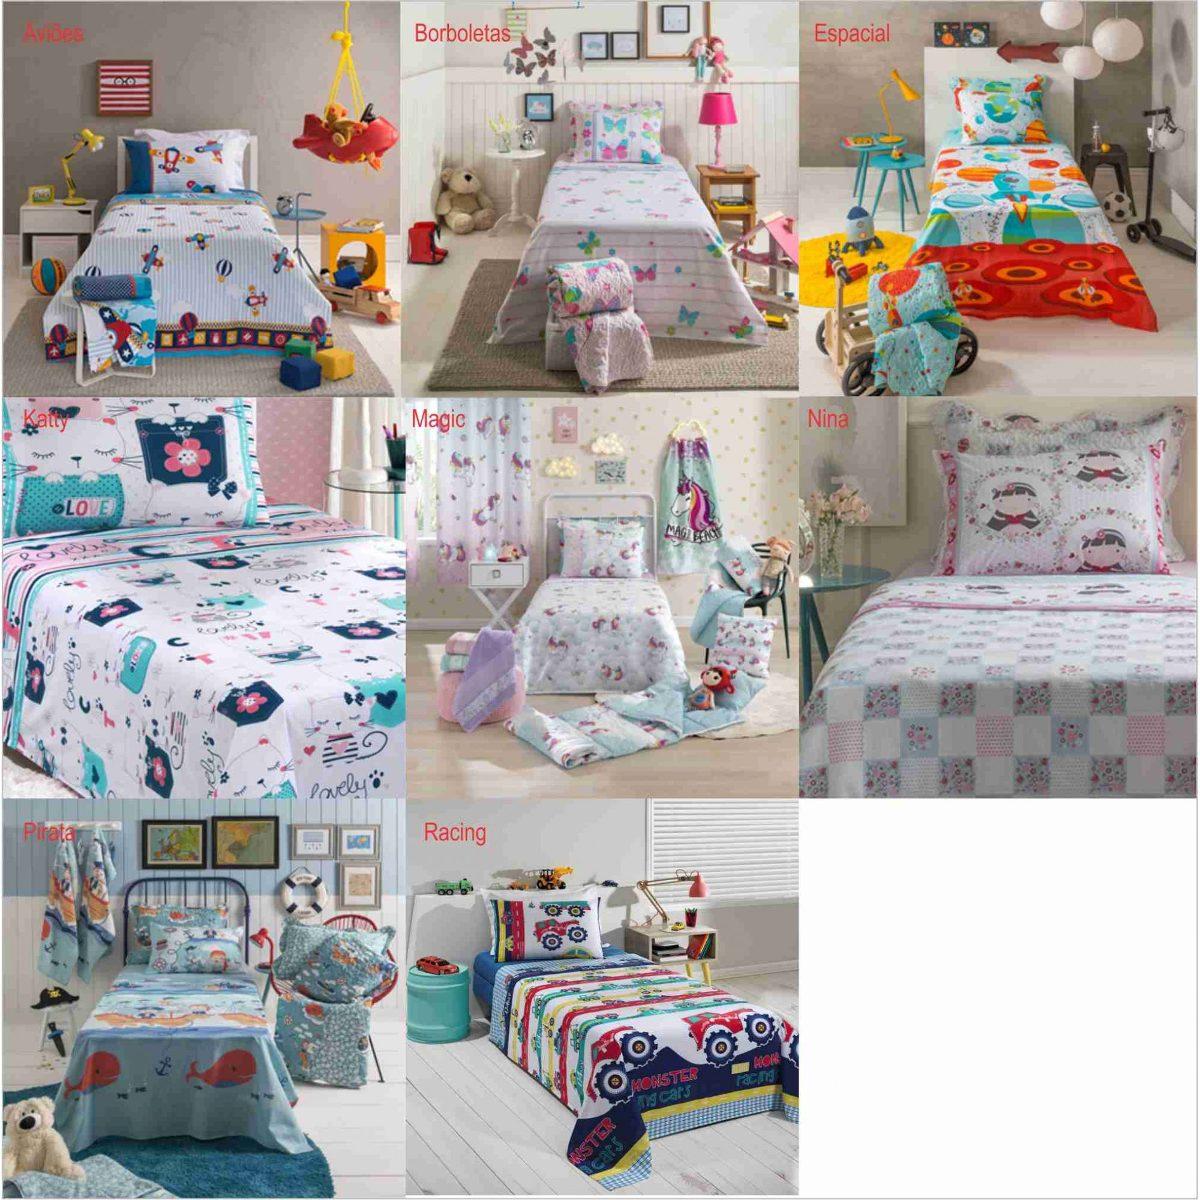 82005ce7d2 jogo de cama lençol infantil 100% algodão 130 fios santista. Carregando  zoom.